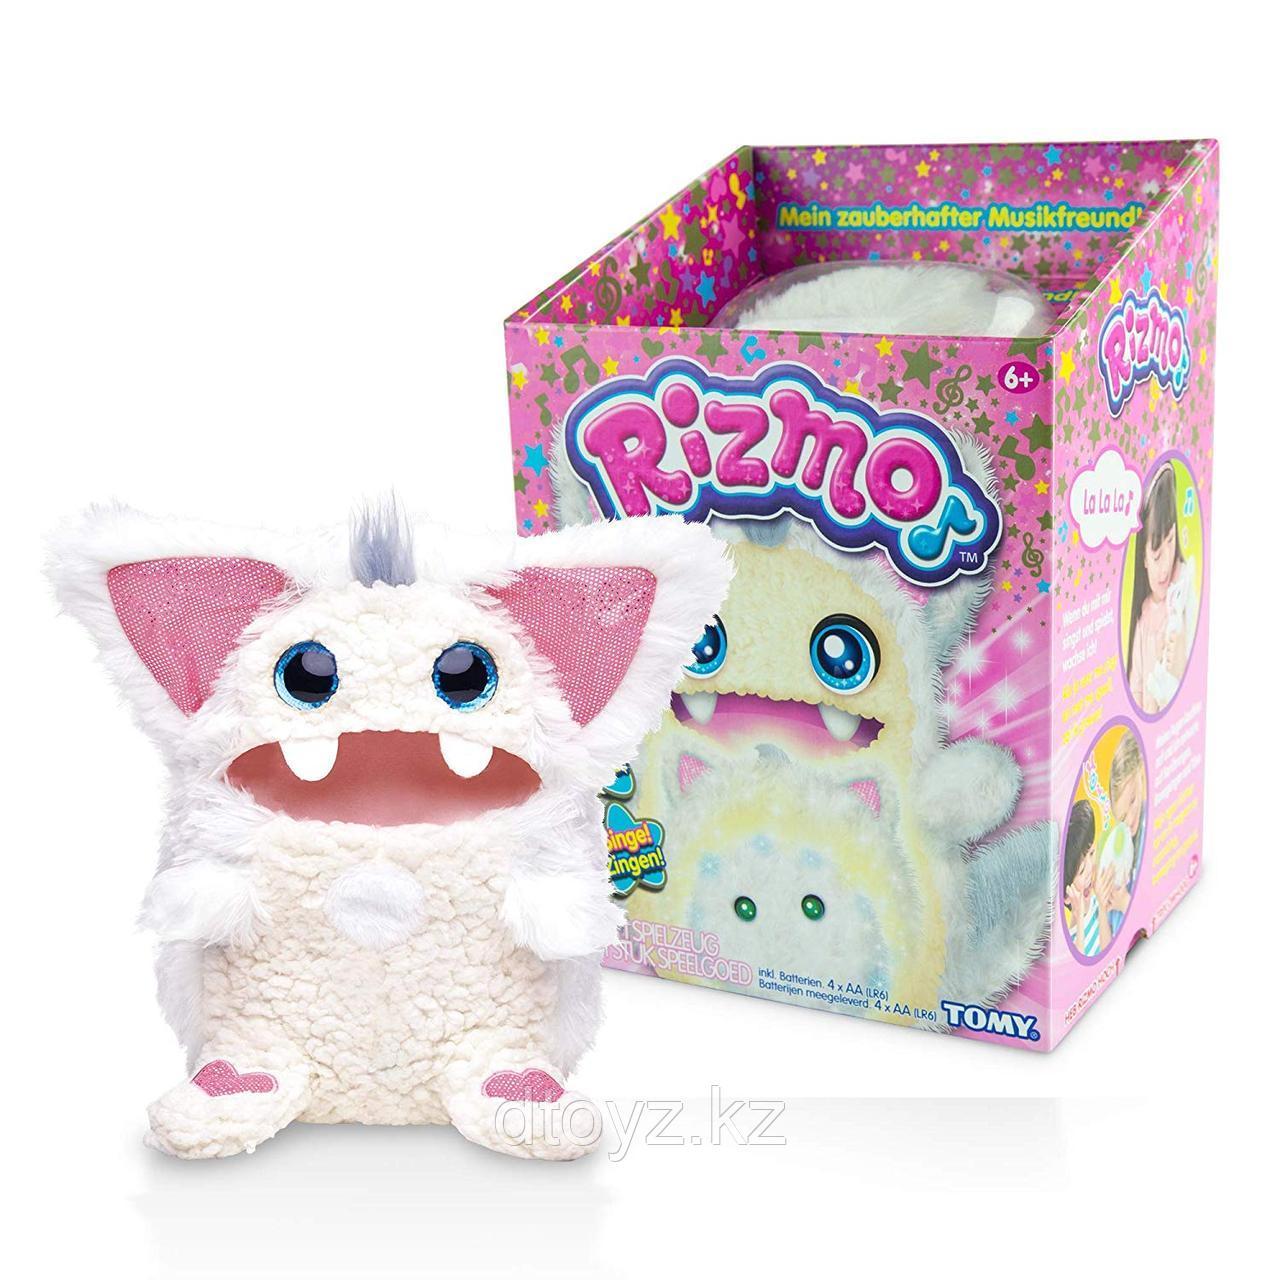 Интерактивная игрушка Rizmo Snow